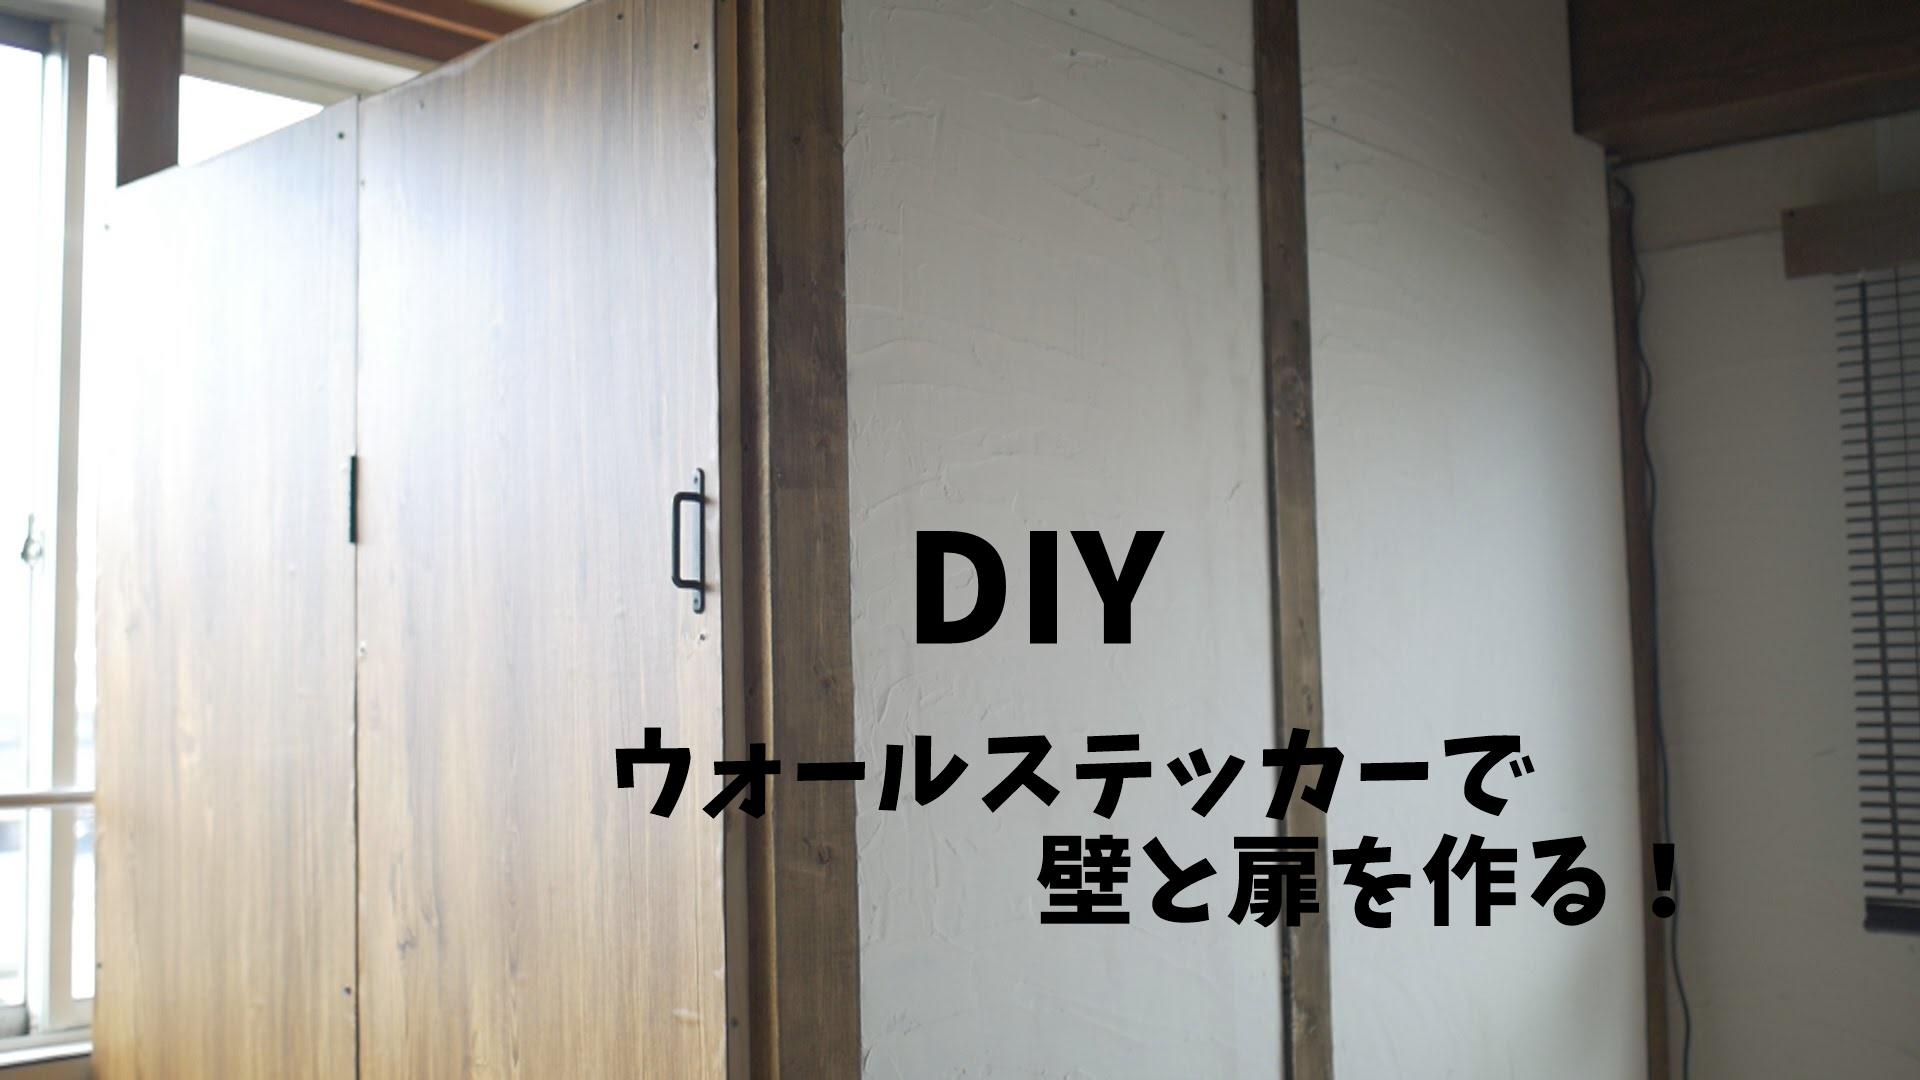 扉 ドア Diy Switch